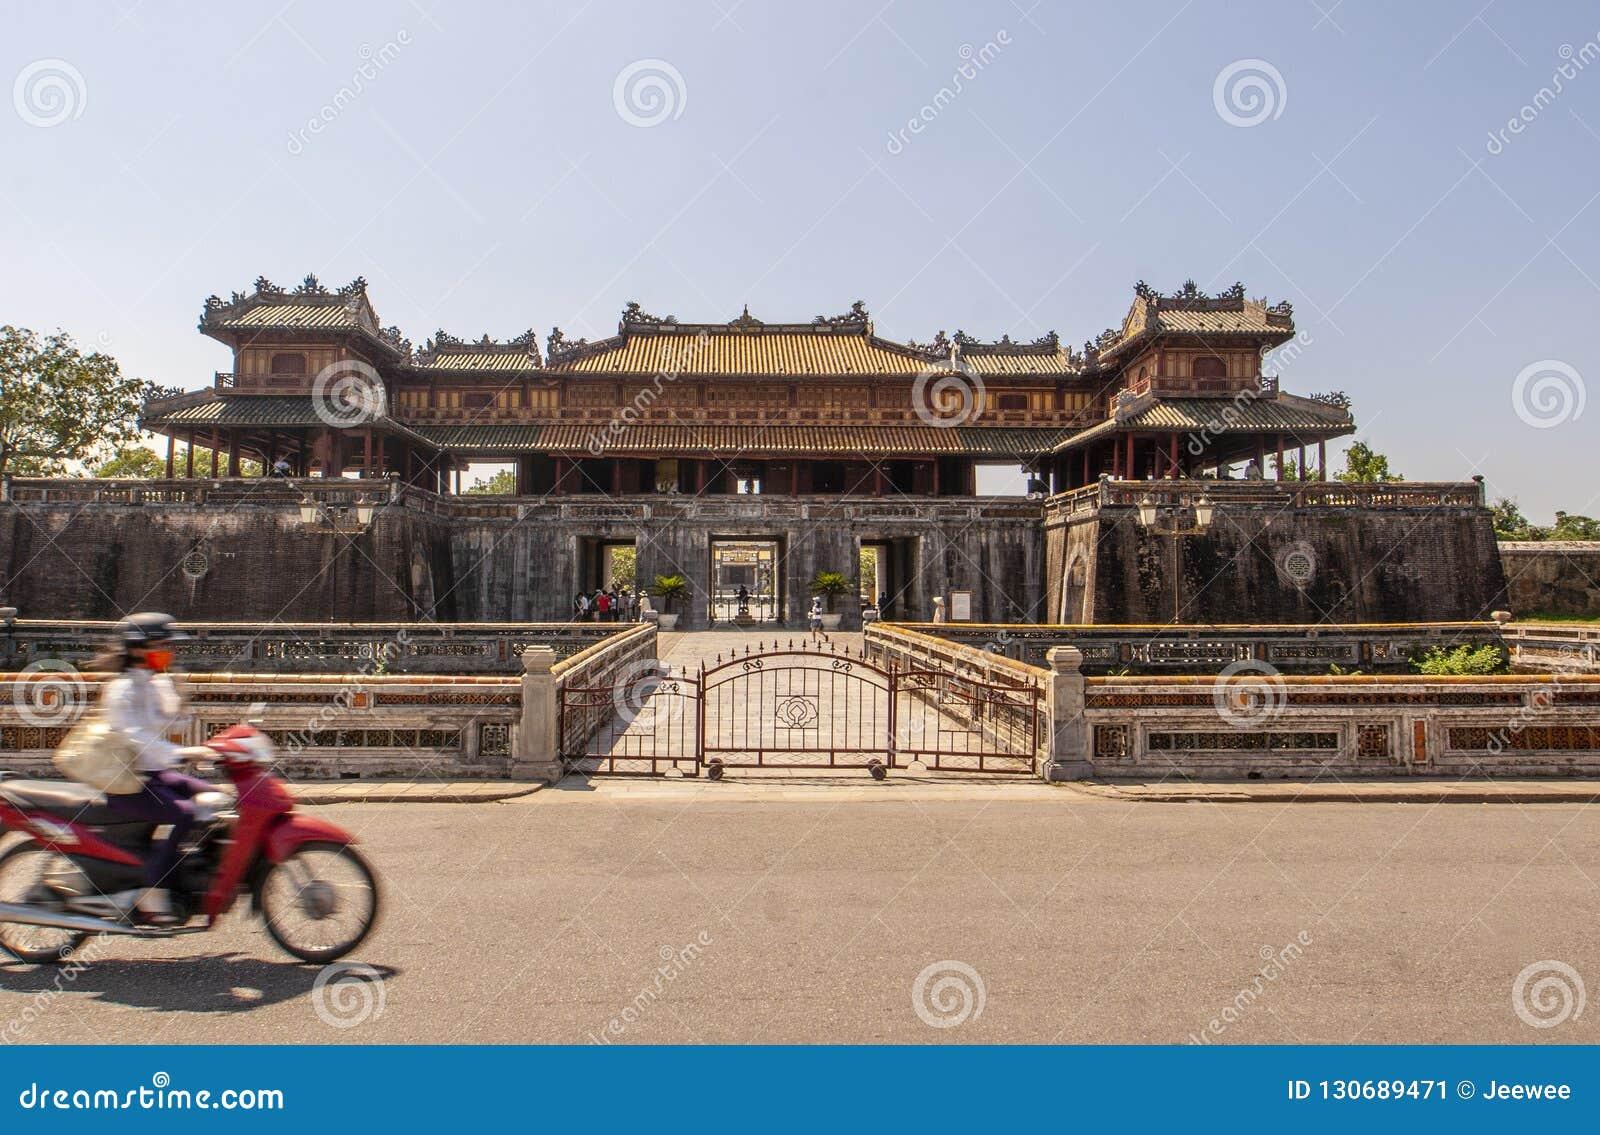 Äußeres Ngo Mon Gates, Teil der Zitadelle in der ehemaligen vietnamesischen Hauptstadt Hué, Mittel-Vietnam, Vietnam